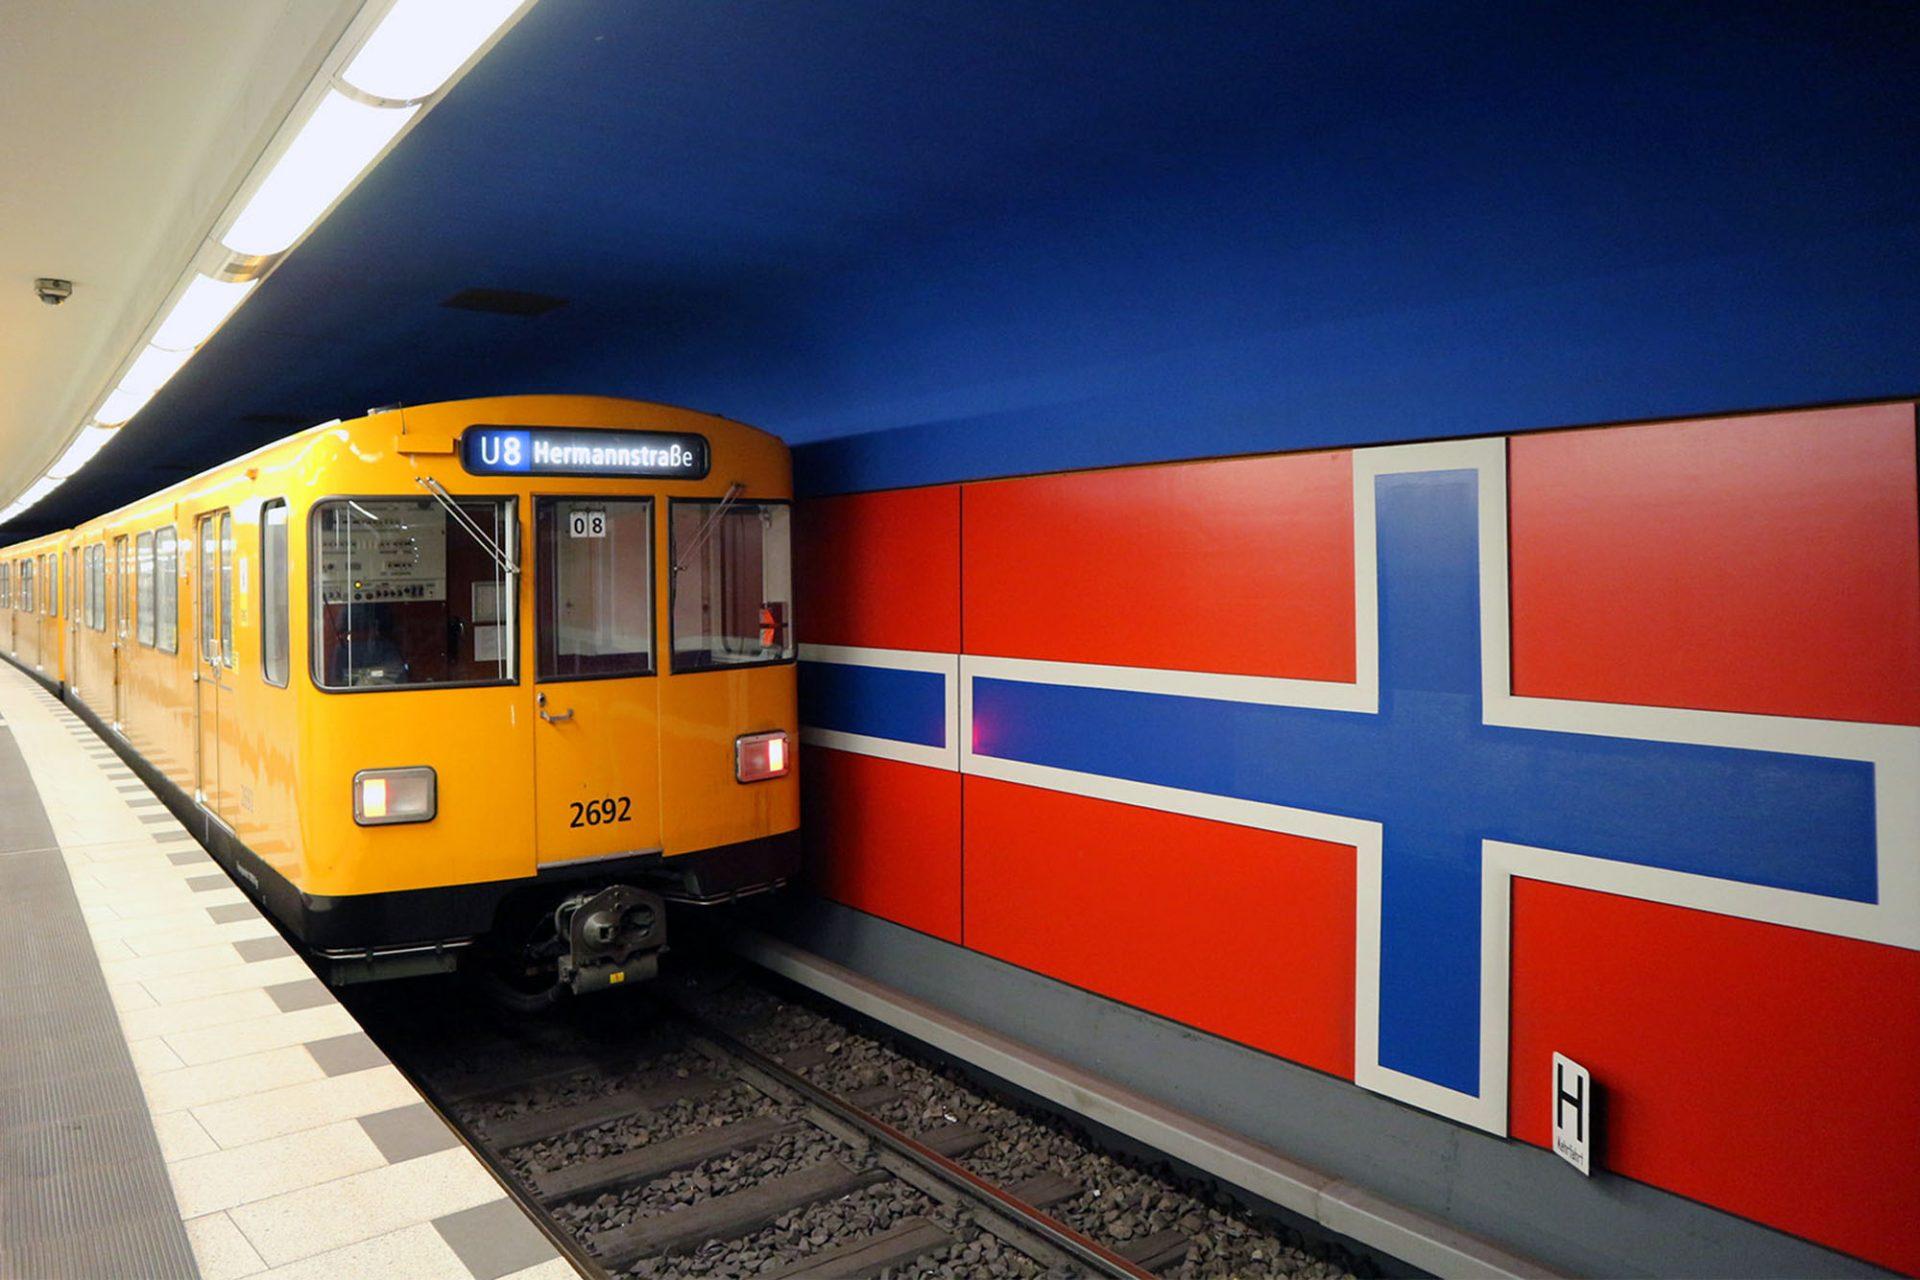 Osloer Straße. Heute durchgehend weiß beschichtet, waren die Decken der Bahnsteige ursprünglich unterschiedlich in gelb und blau gehalten. Nüchterne Metall-Paneele bekleideten die Wände. Heute hängt hier dunkelblaue Emaille.